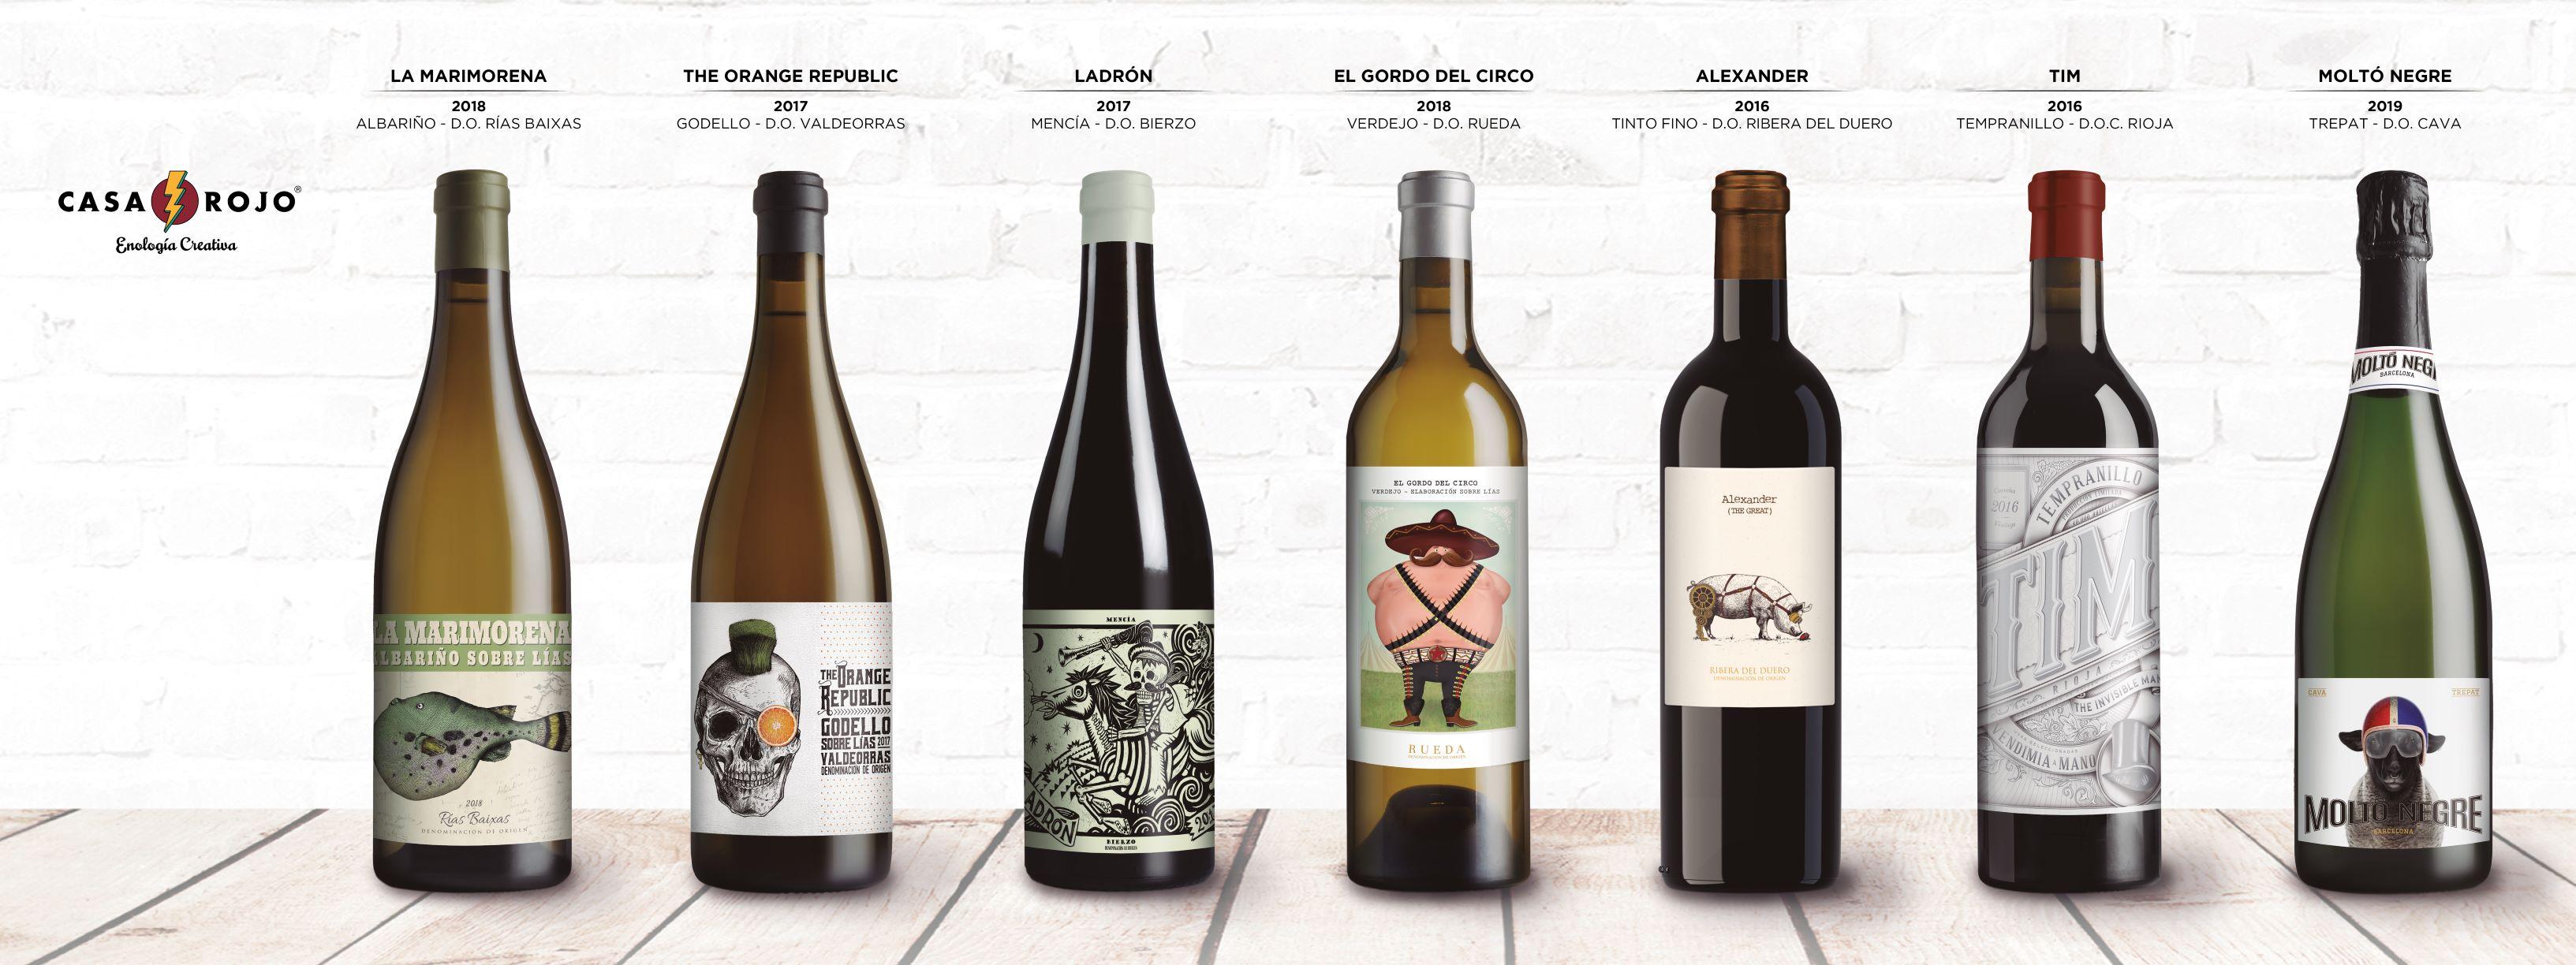 Familia de vinos de bodega Casa Rojo